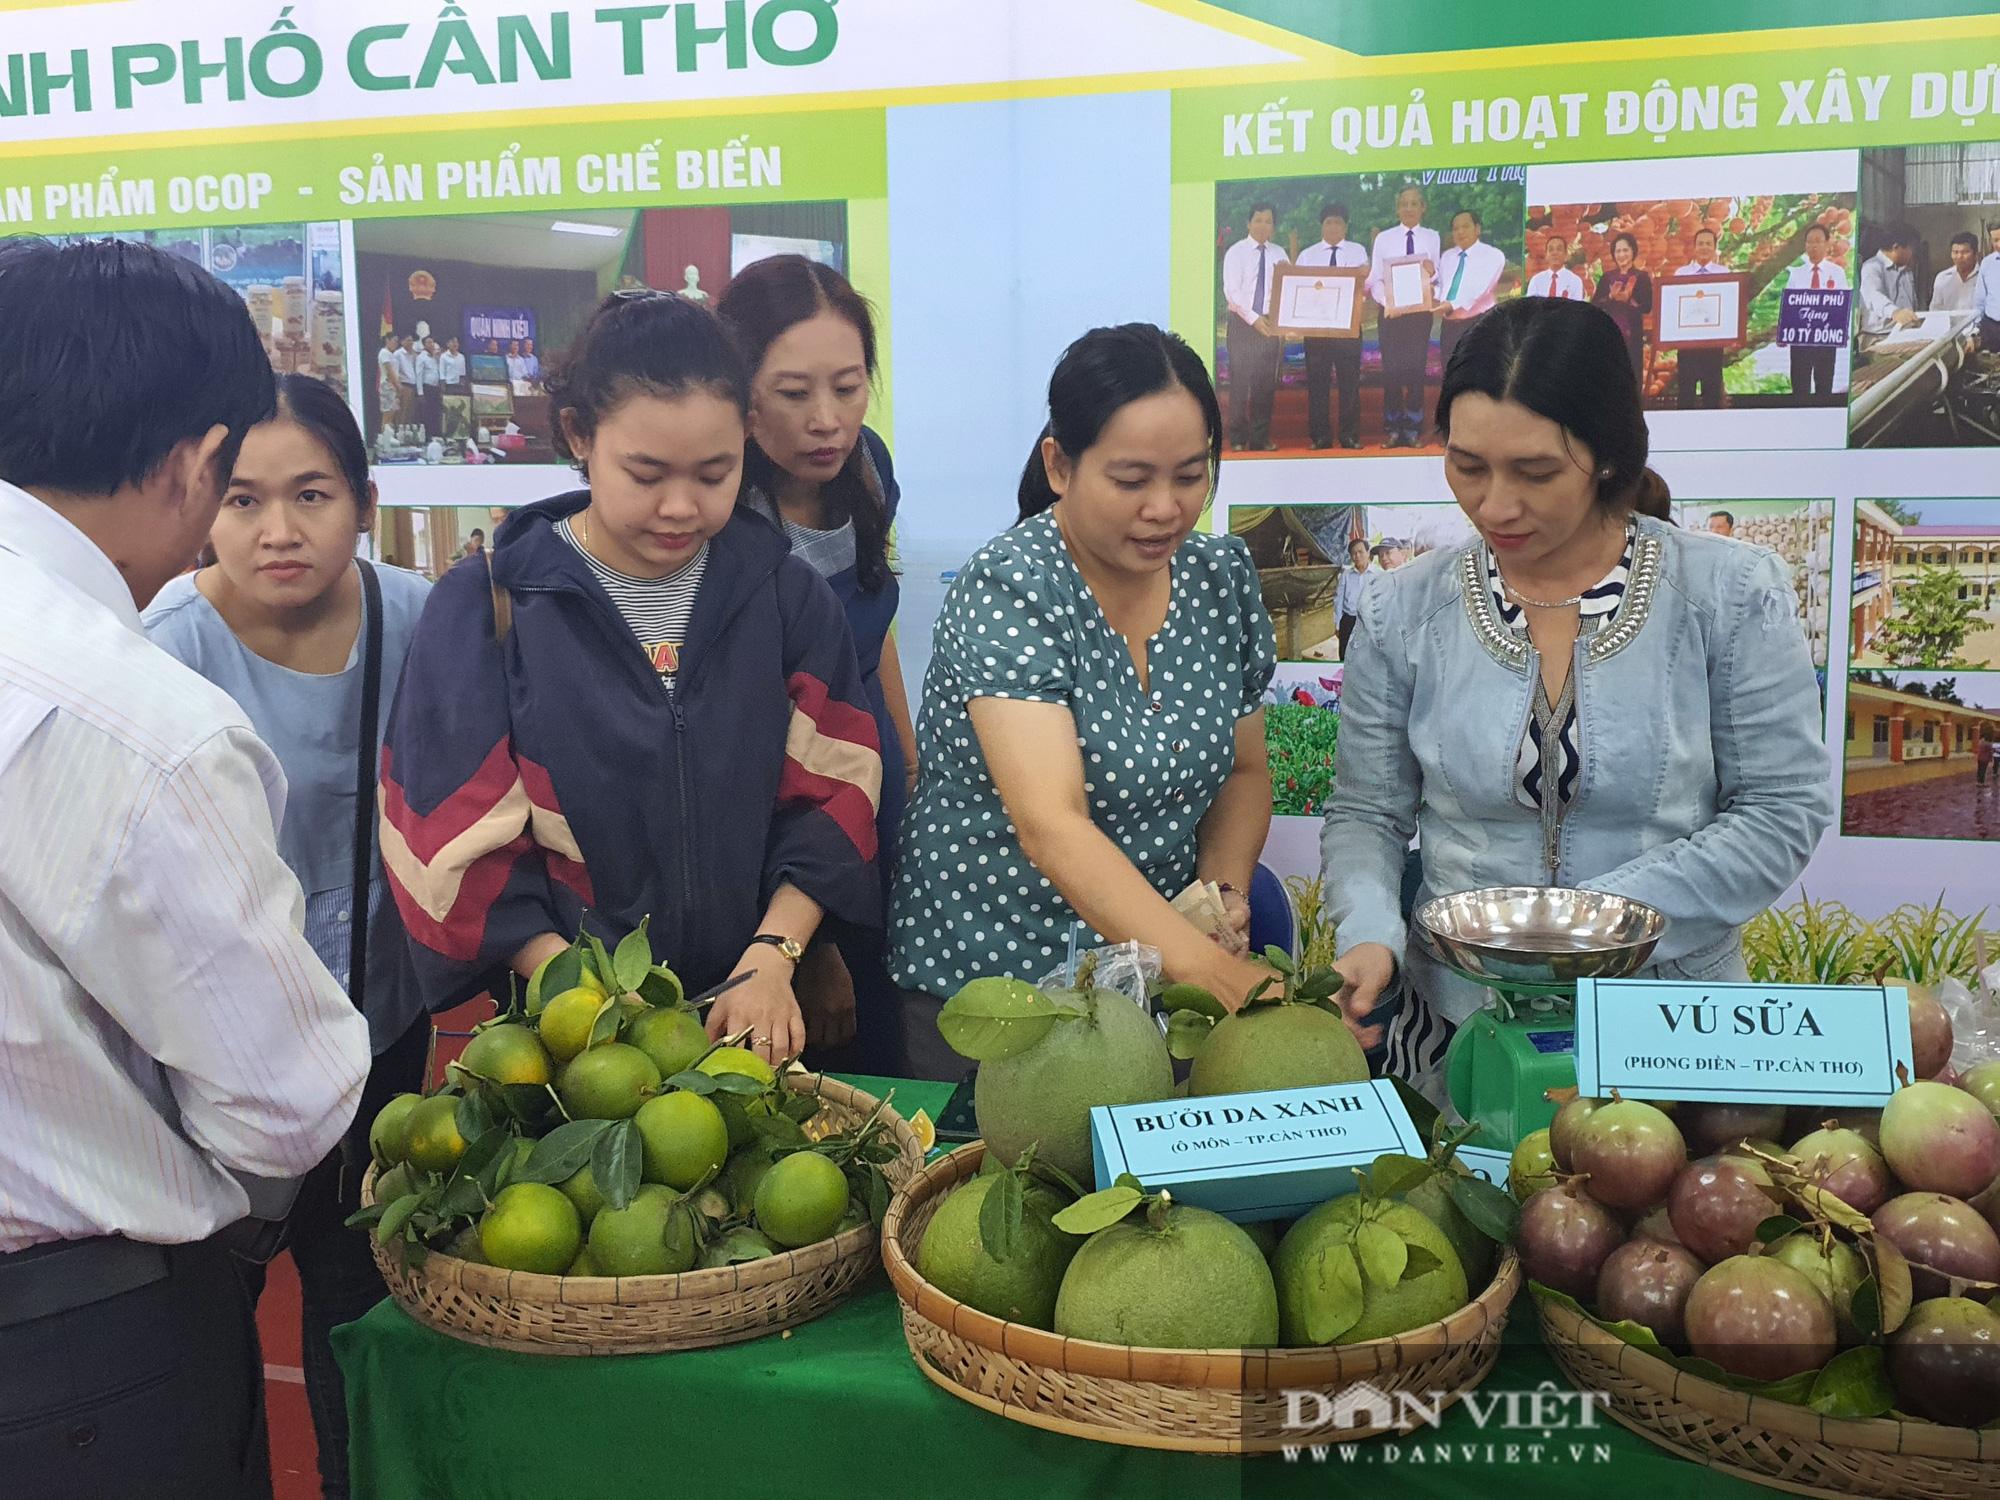 Cần Thơ: Hàng loạt sản phẩm mới lạ xuất hiện tại Hội chợ nông nghiệp quốc tế Việt Nam, không xem sẽ rất tiếc nuối - Ảnh 15.